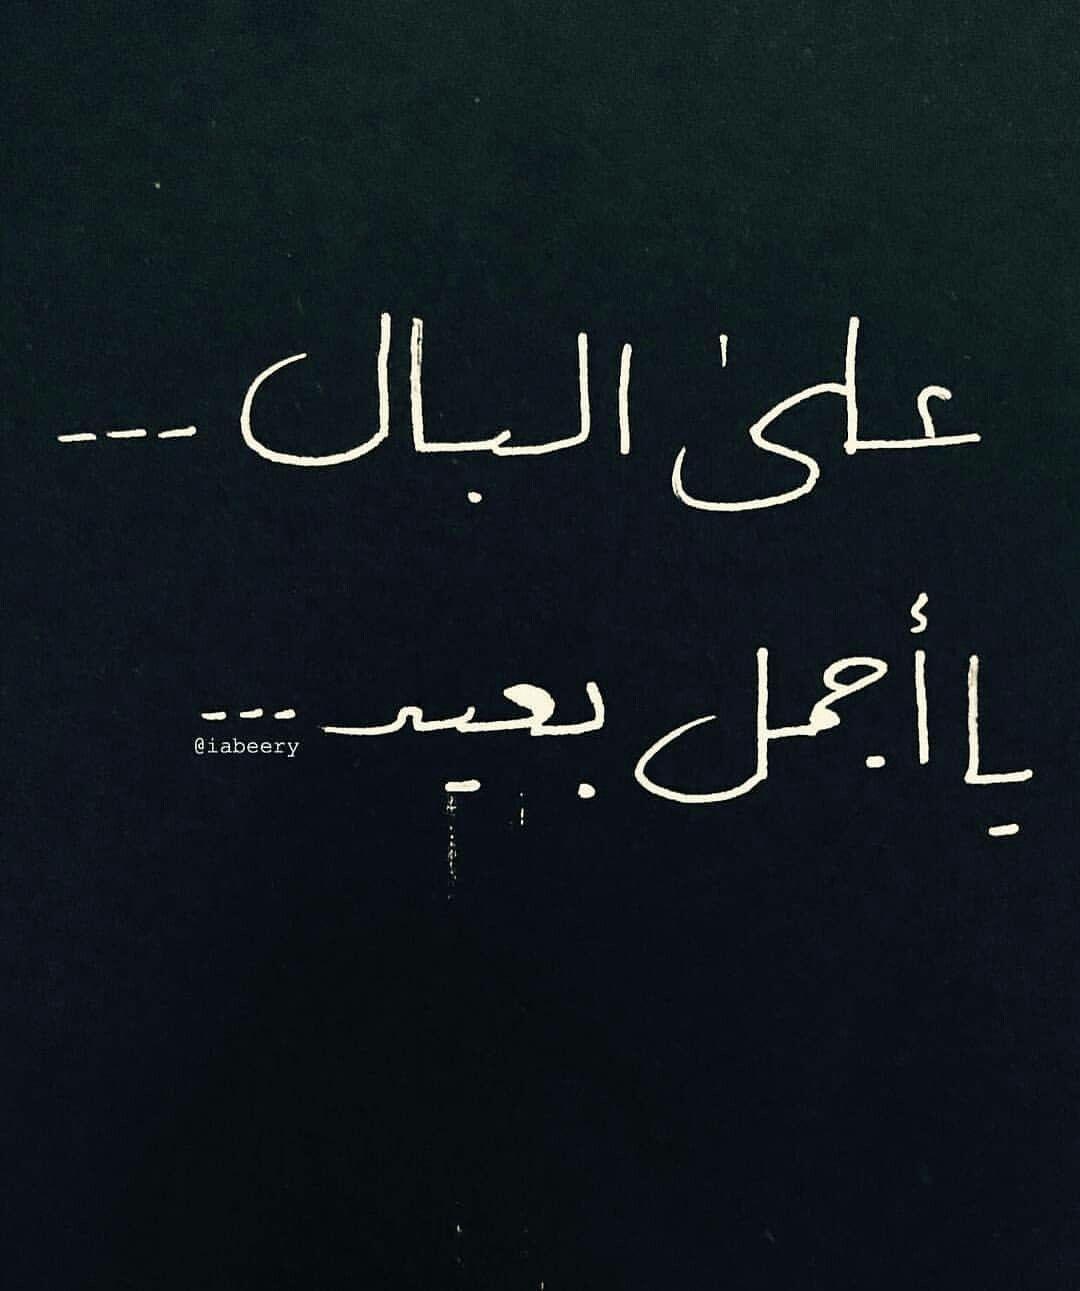 على البال يا بعيد Love Quotes Photos Funny Arabic Quotes Love Quotes